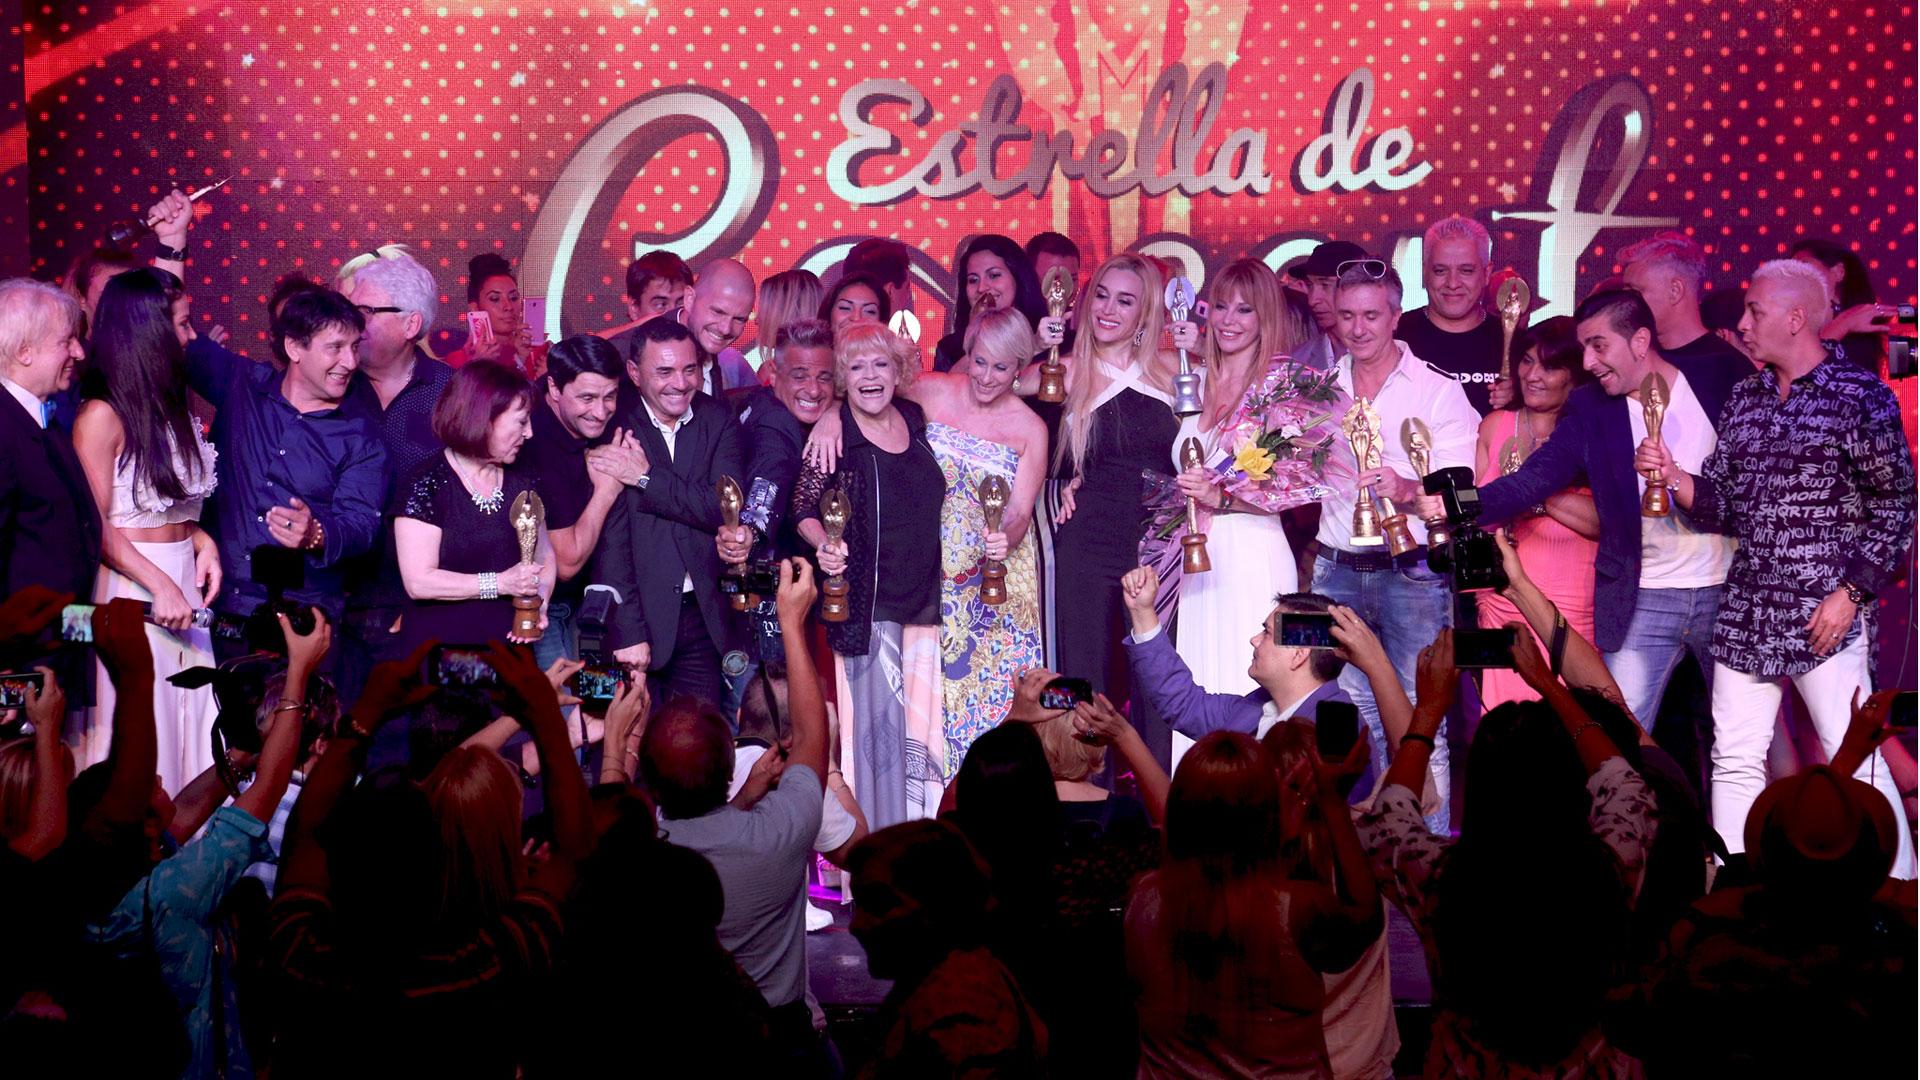 La ceremonia de la 33ª entrega de los premios se llevó a cabo en el teatro Coral